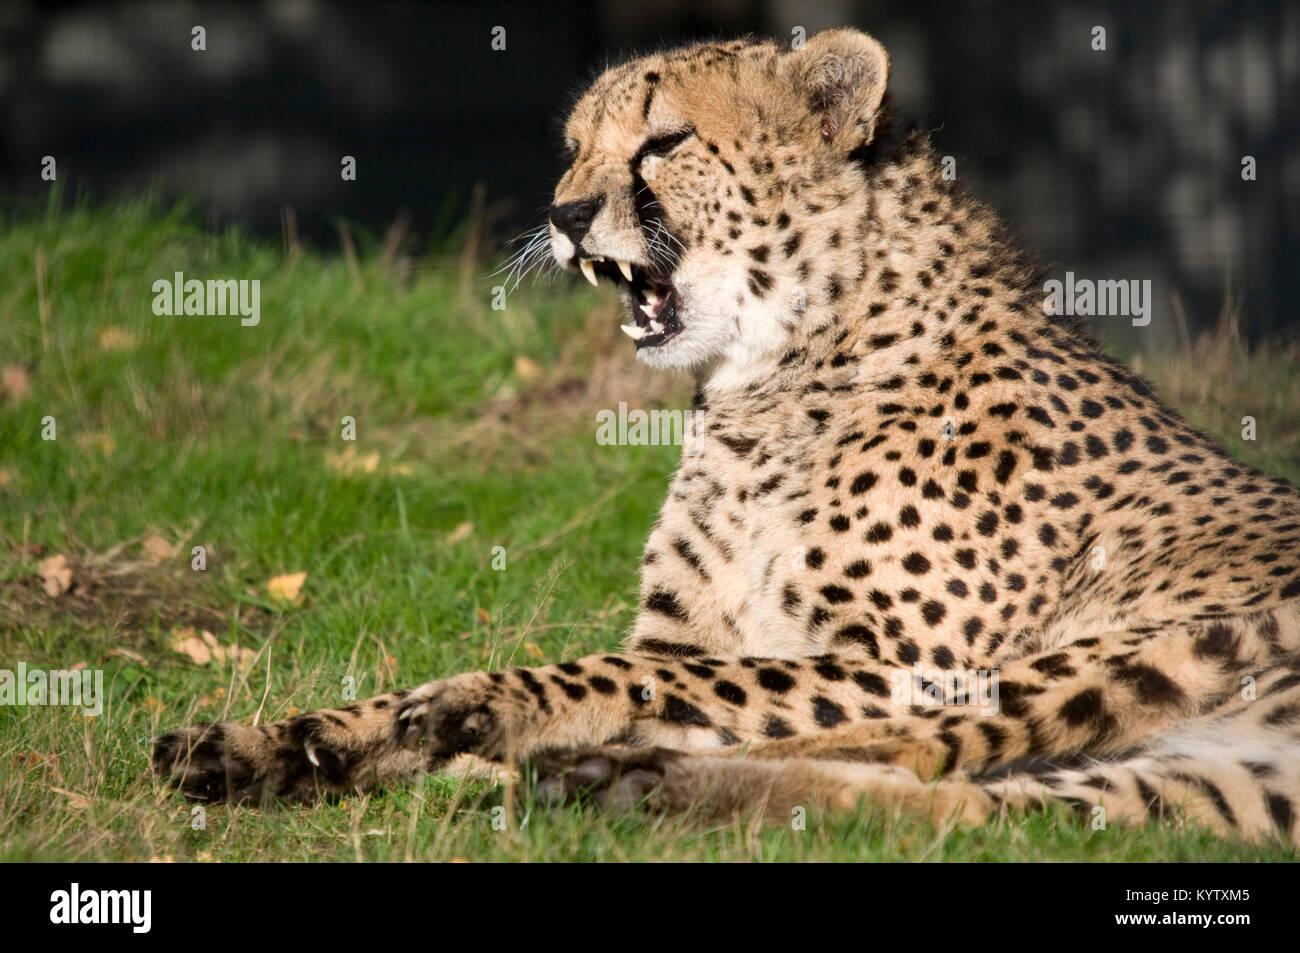 A Snarling Cheetah - Stock Image